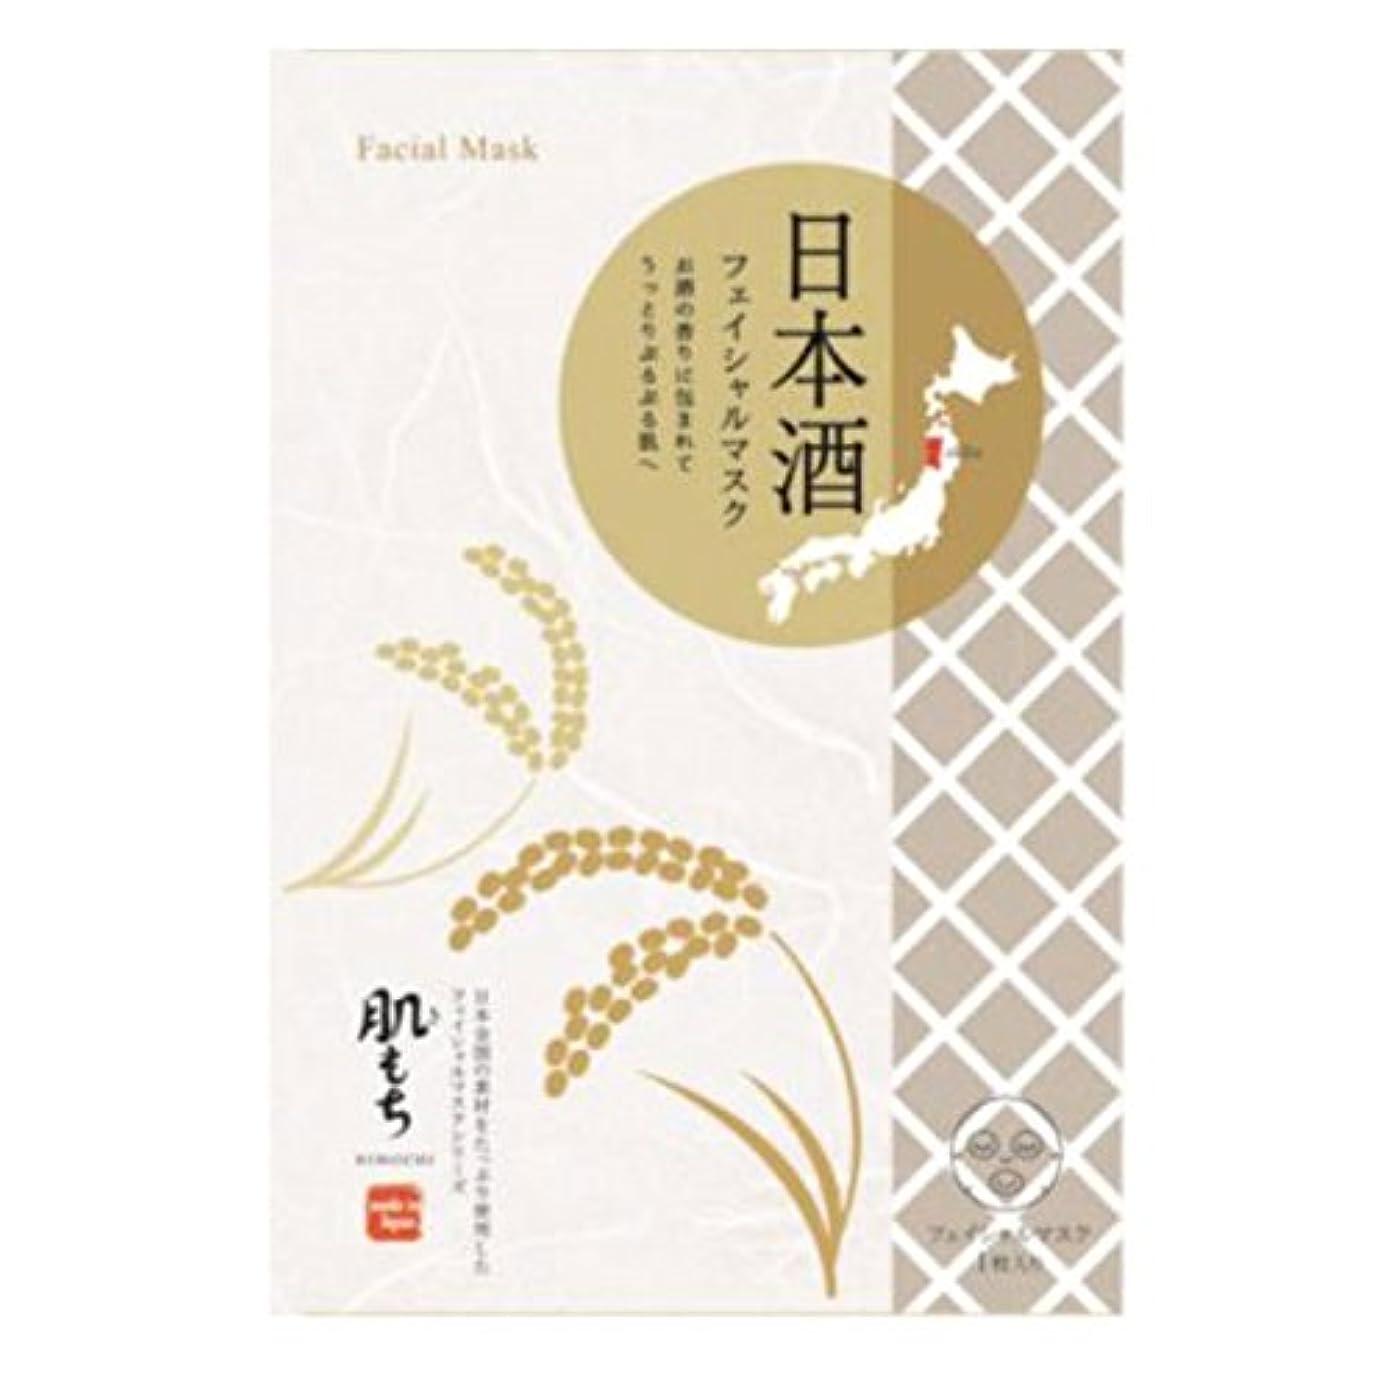 レビュアーきしむシロクマ肌もち(きもち) フェイシャルマスク 日本酒(1枚20ml) 5枚セット